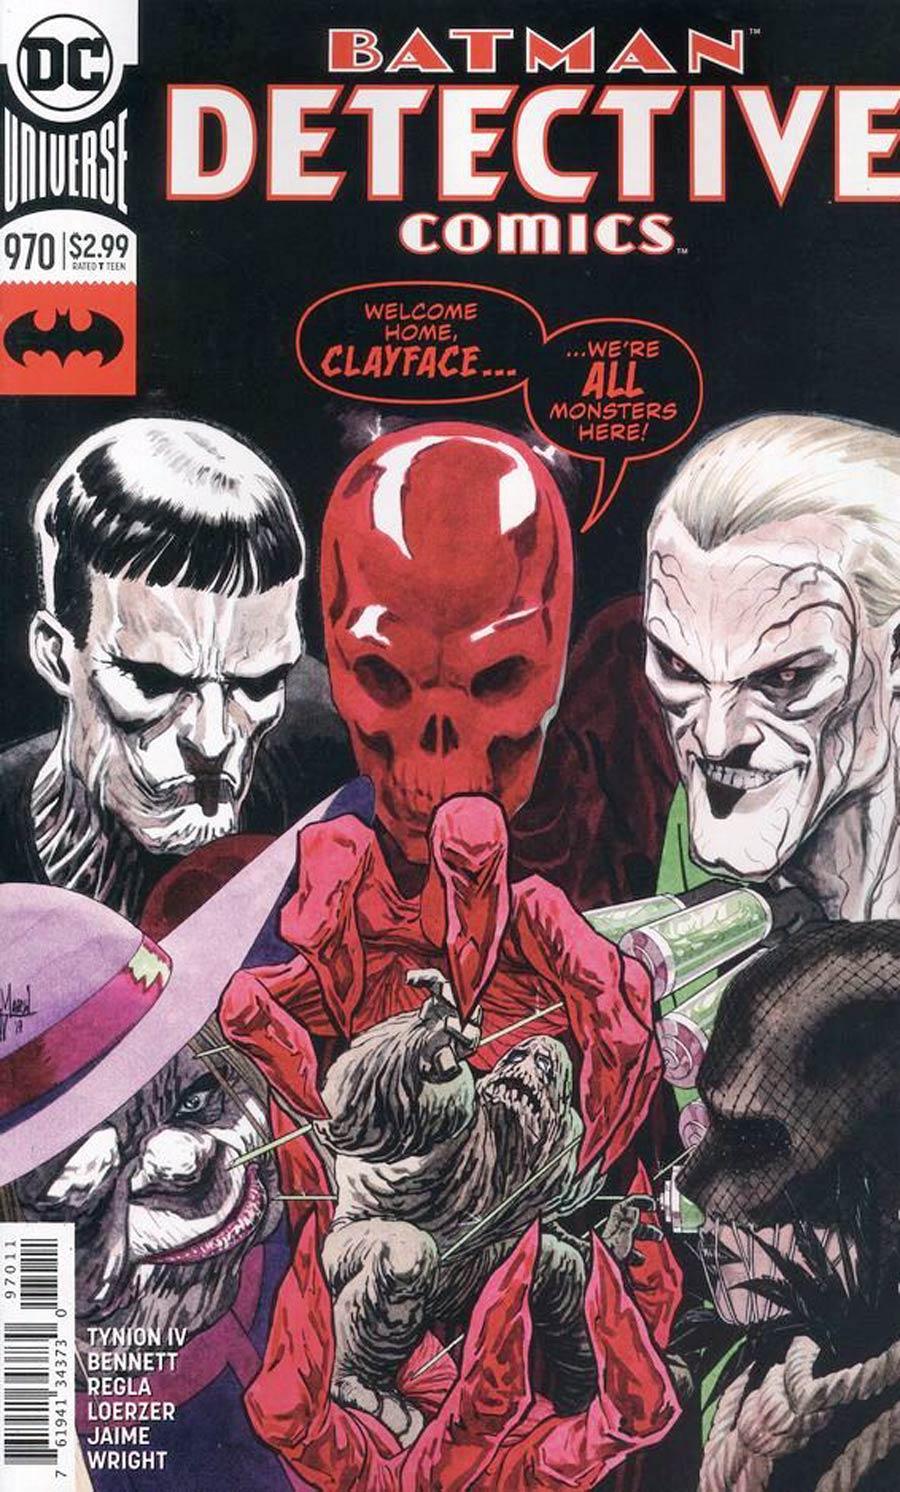 Detective Comics Vol 2 #970 Cover A Regular Guillem March Cover